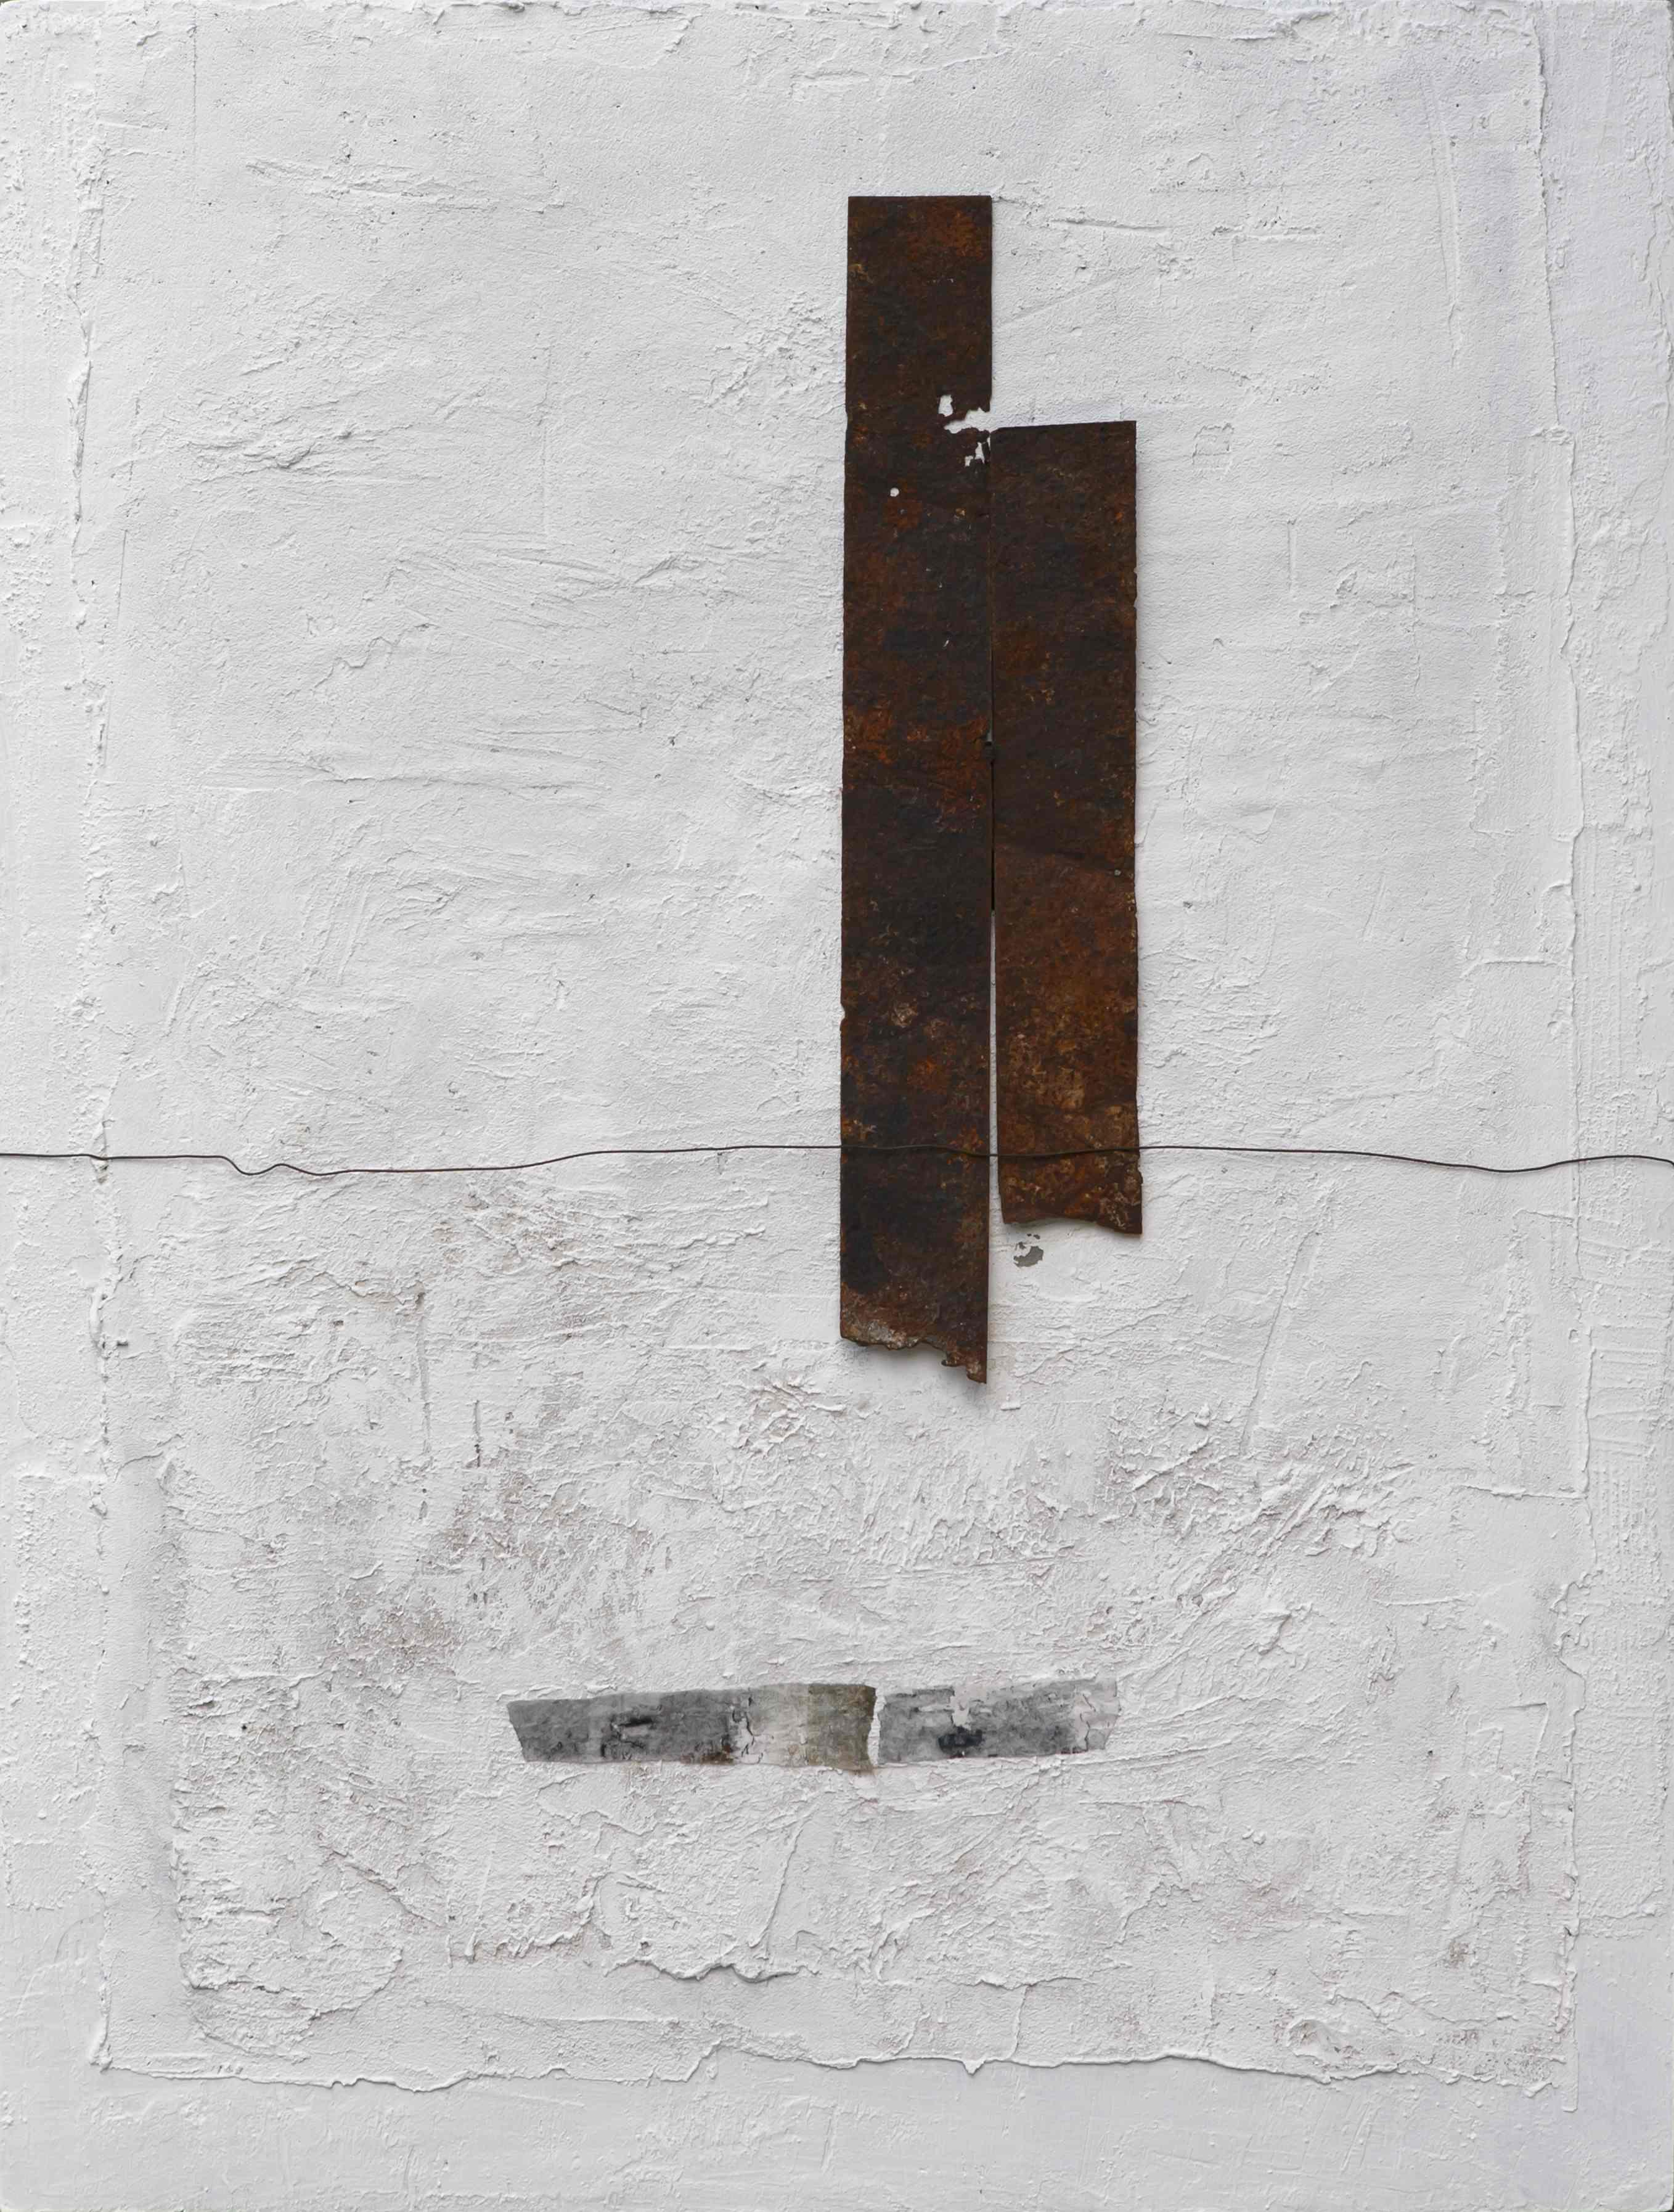 Profilo del tempo, tecnica mista con ferro combusto su tavola, 120x100, 2010